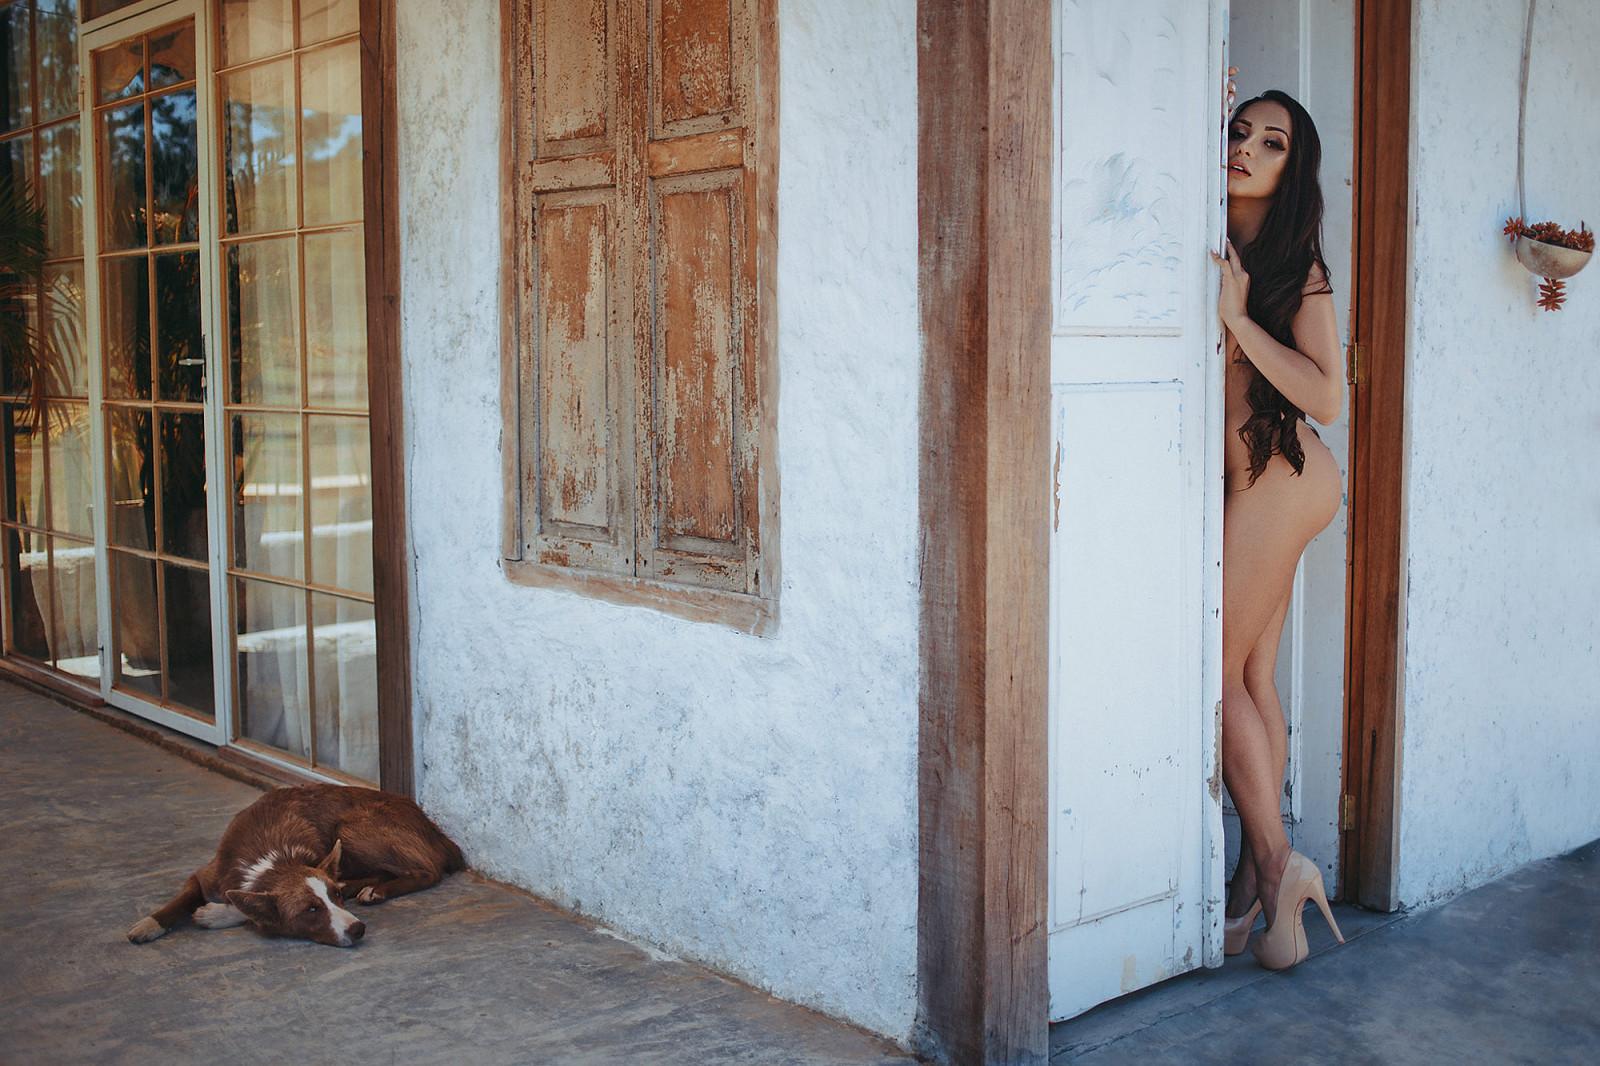 Wallpaper  Brunette, Dog, Women Outdoors, Long Hair, High Heels, Nude, Ass, Legs -1146